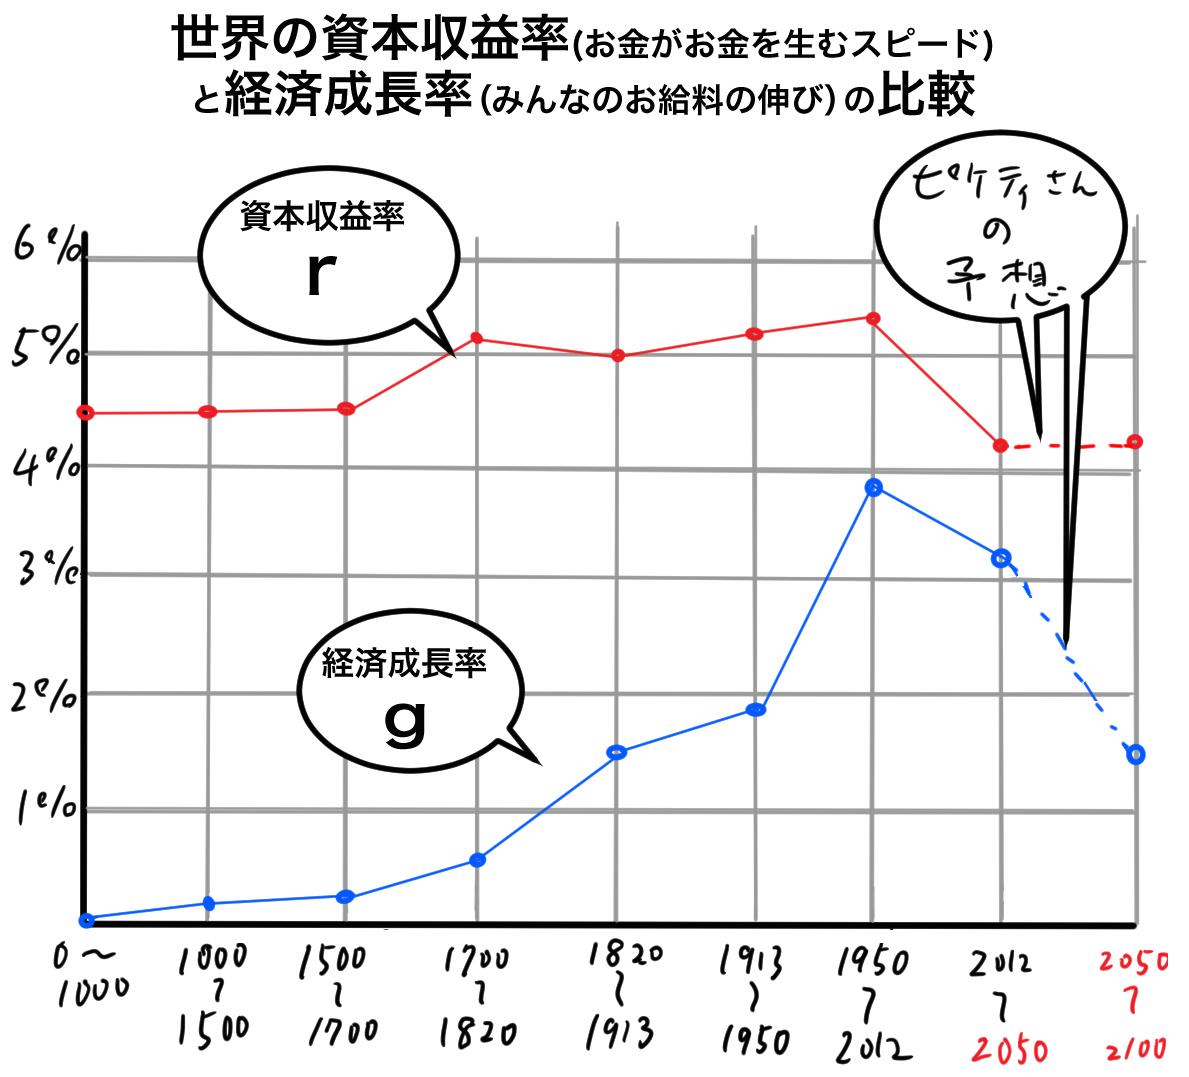 rg_graf01